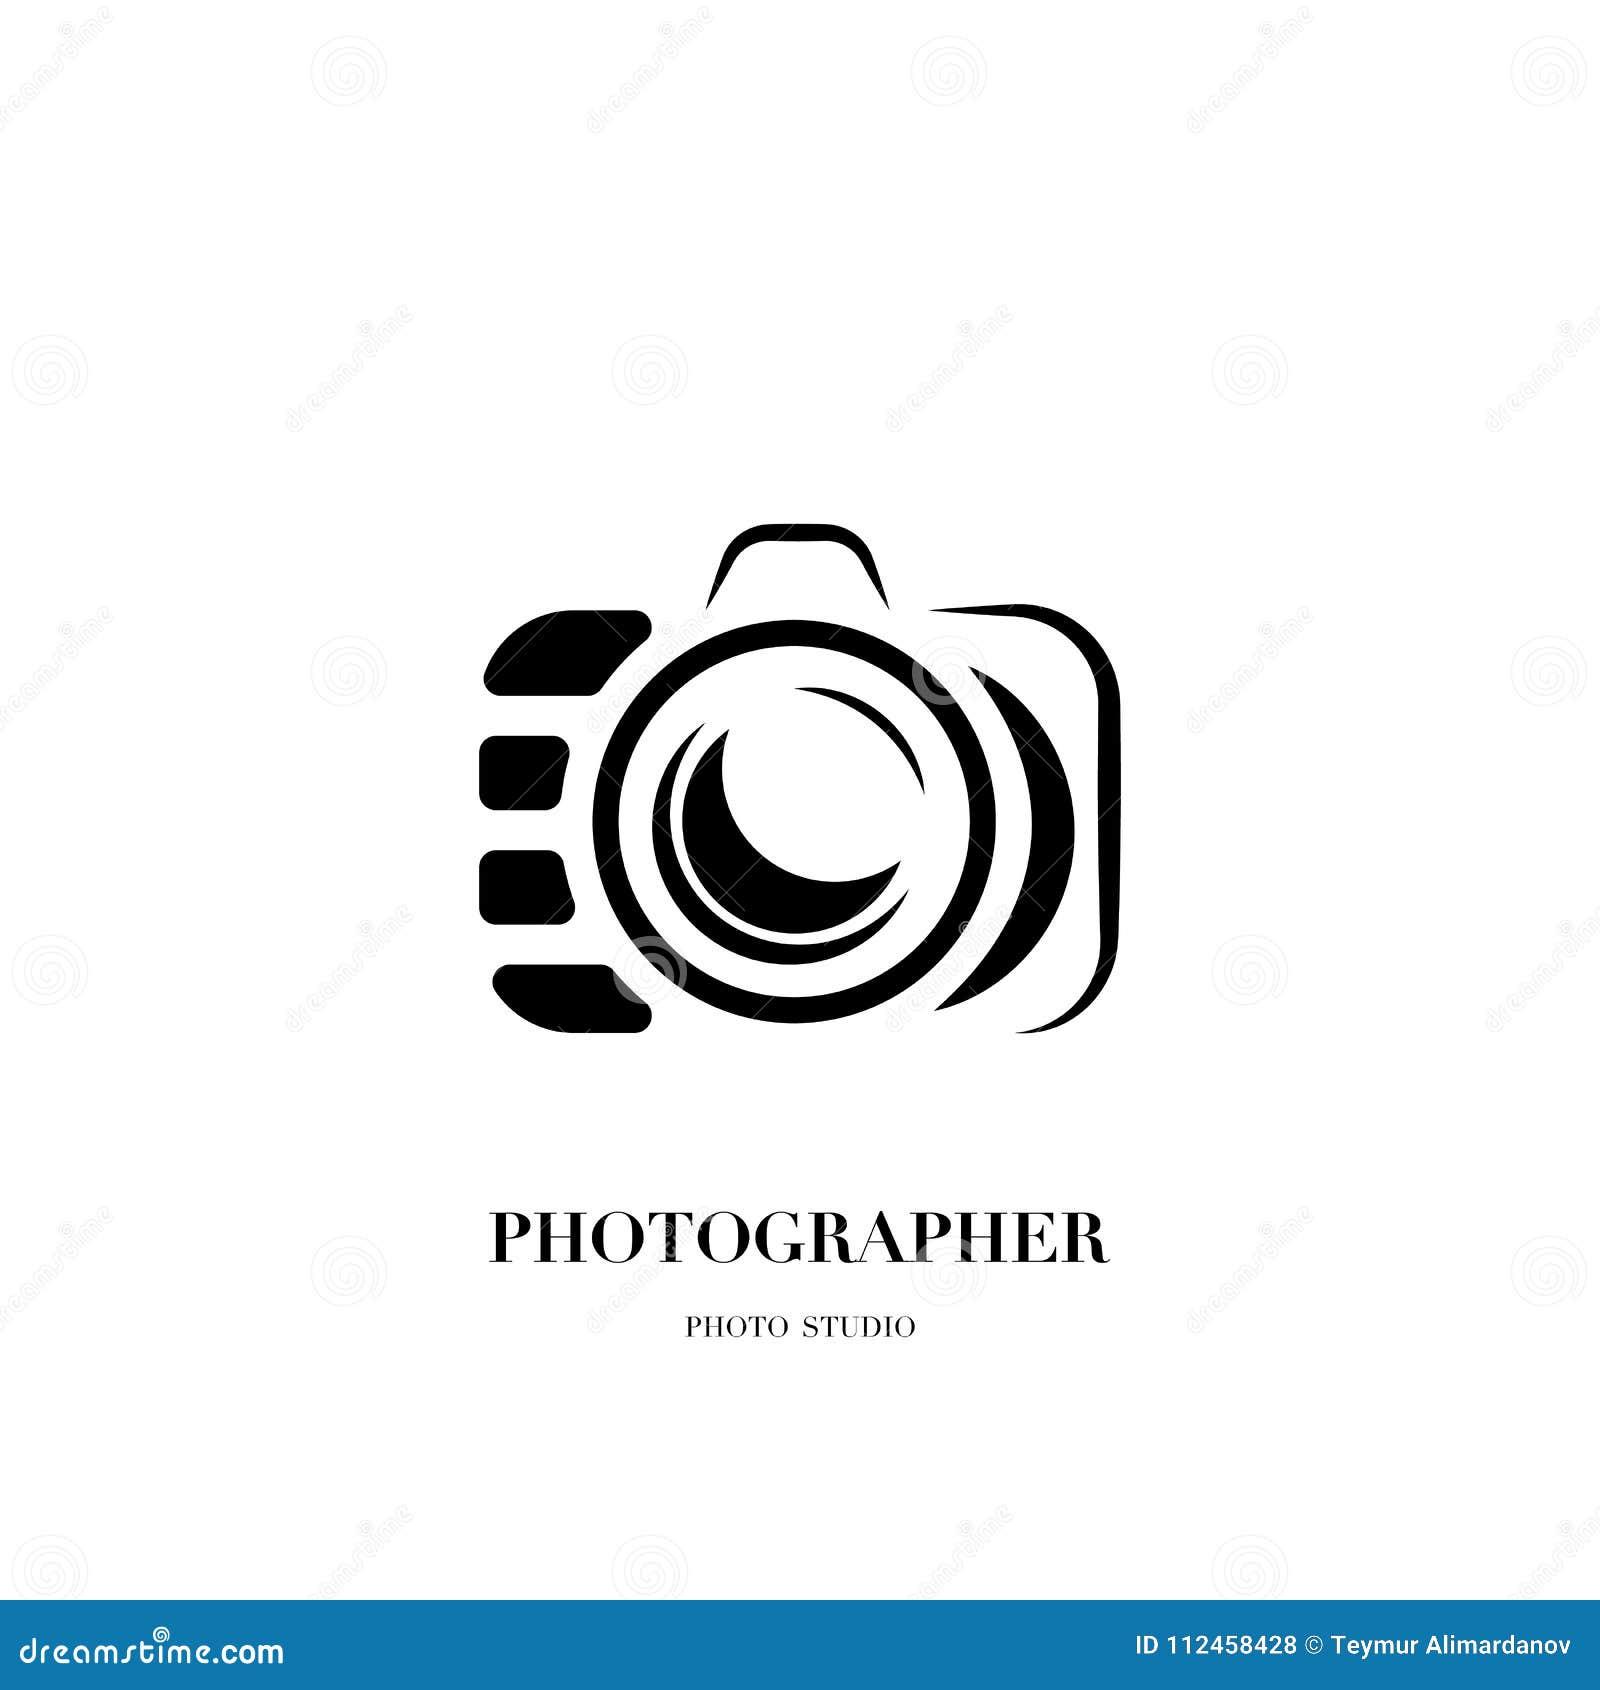 abstract camera logo vector design template for